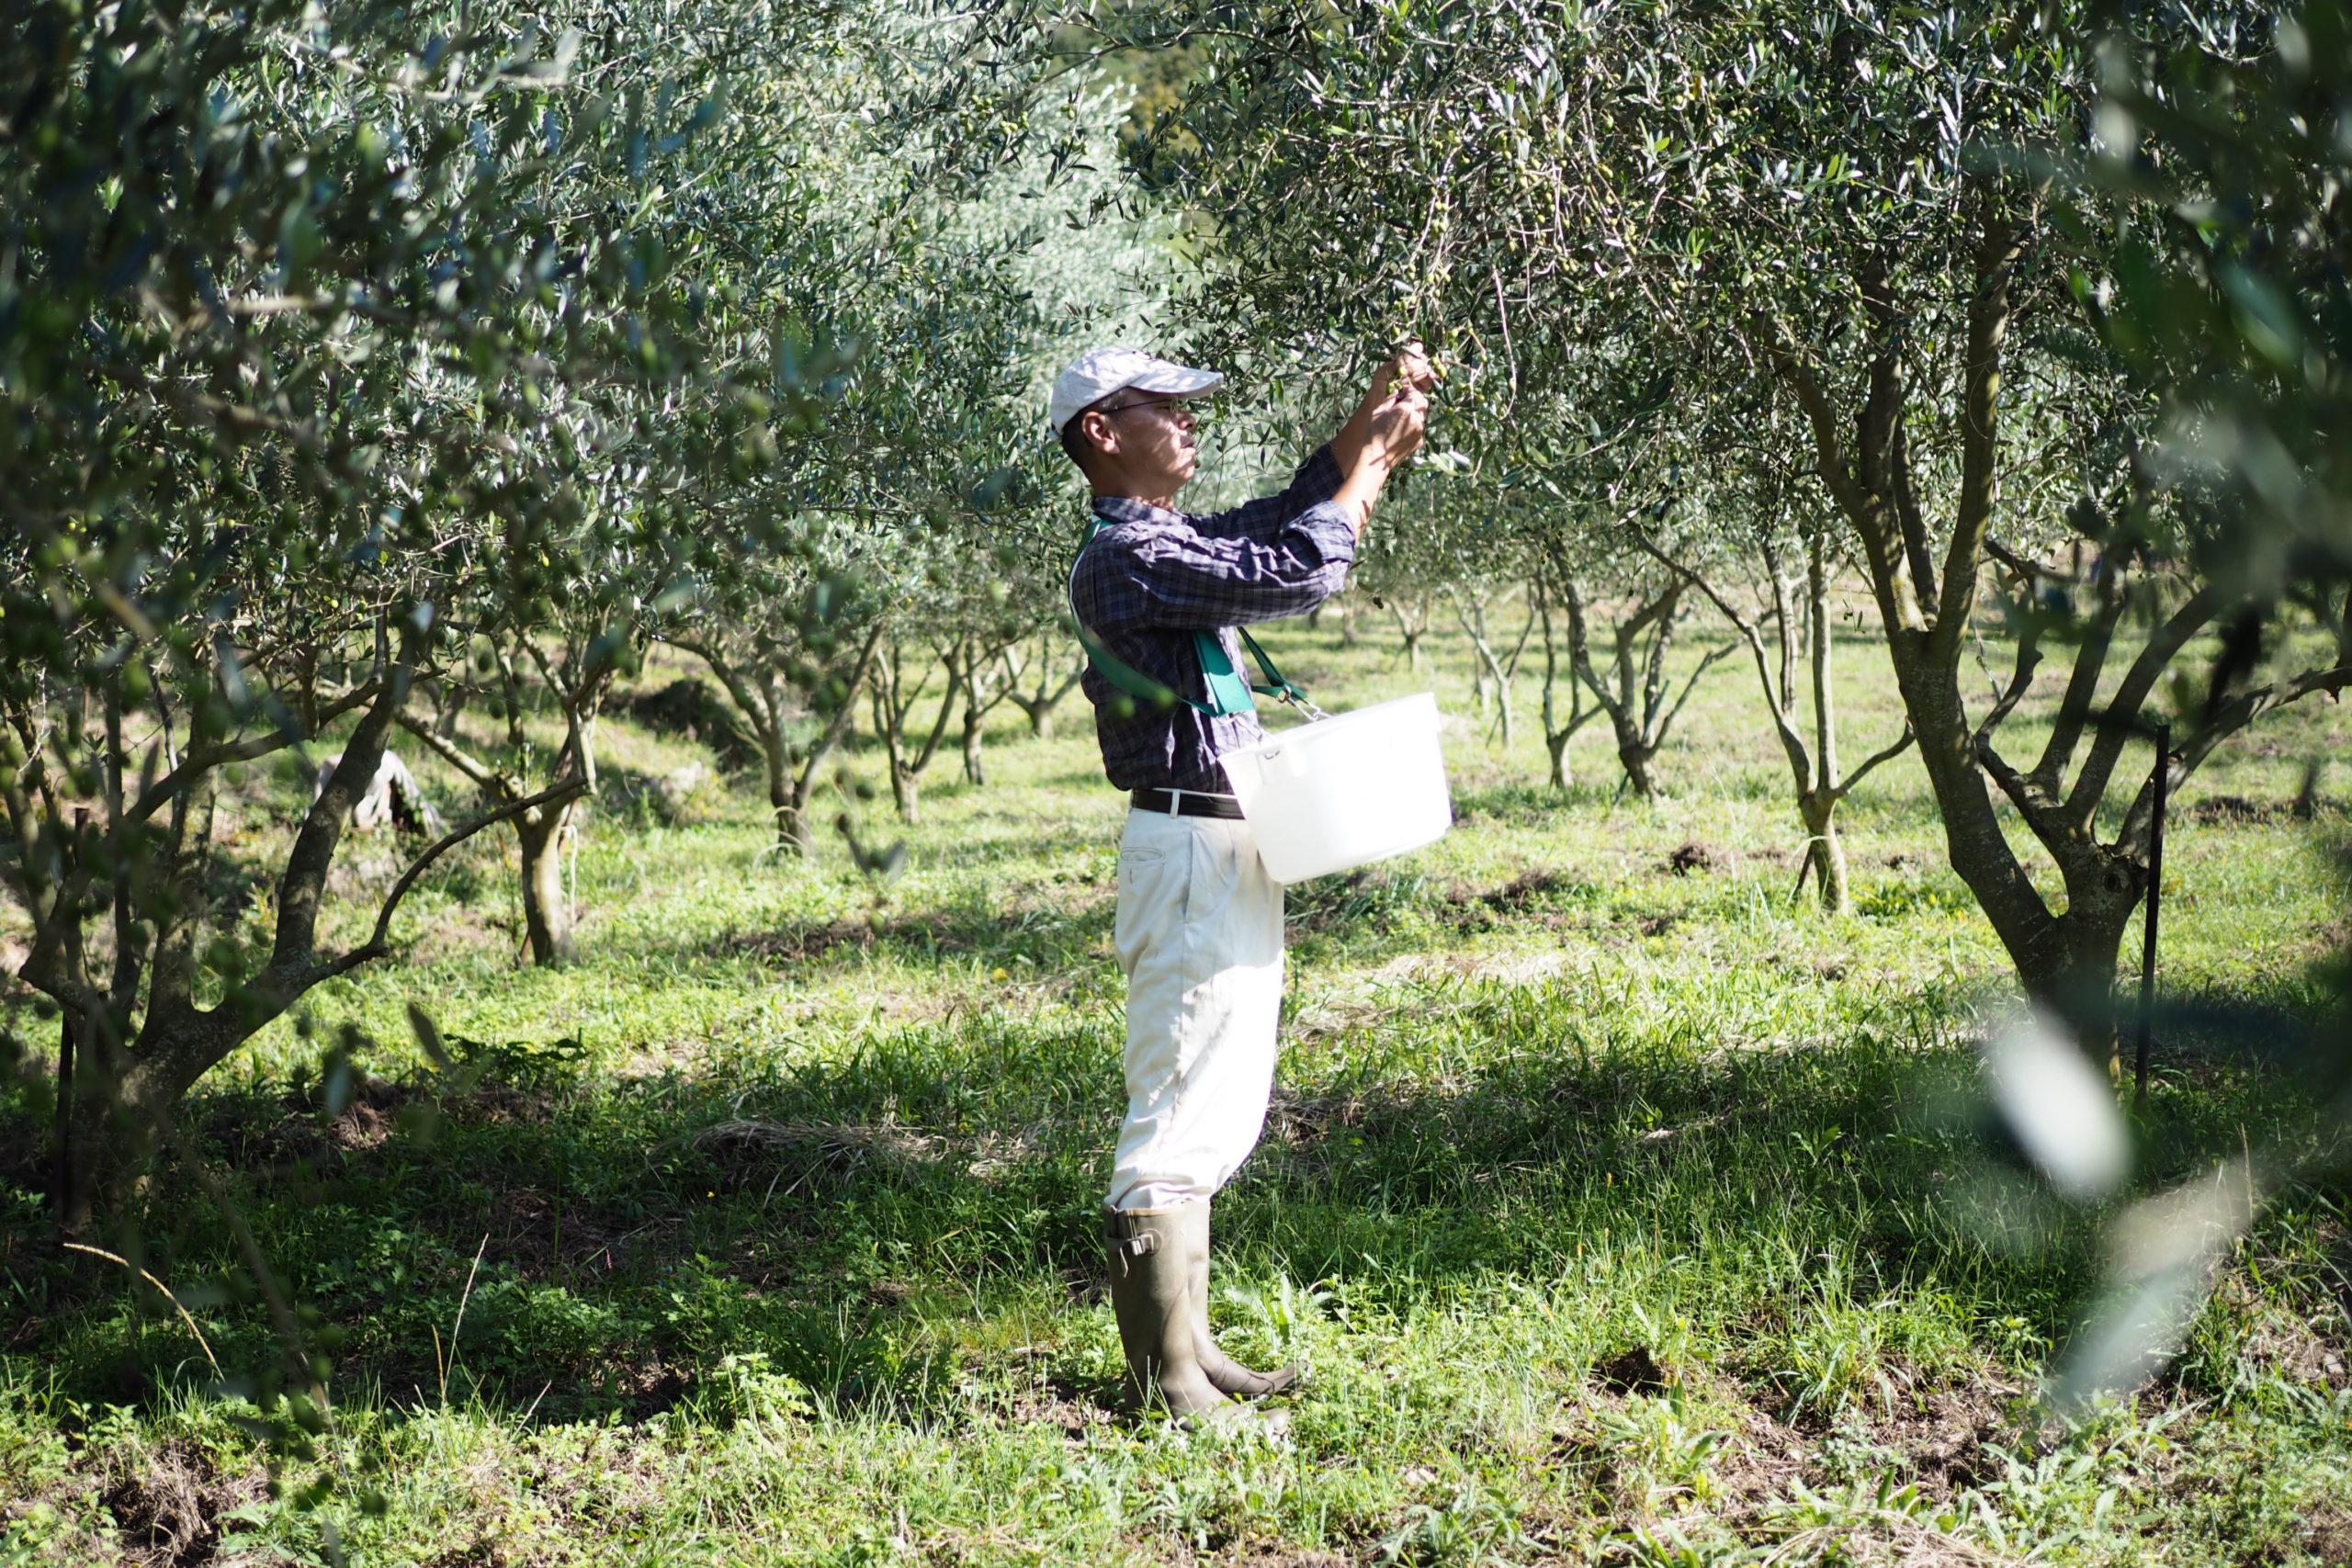 オリーブの実を収穫する男性